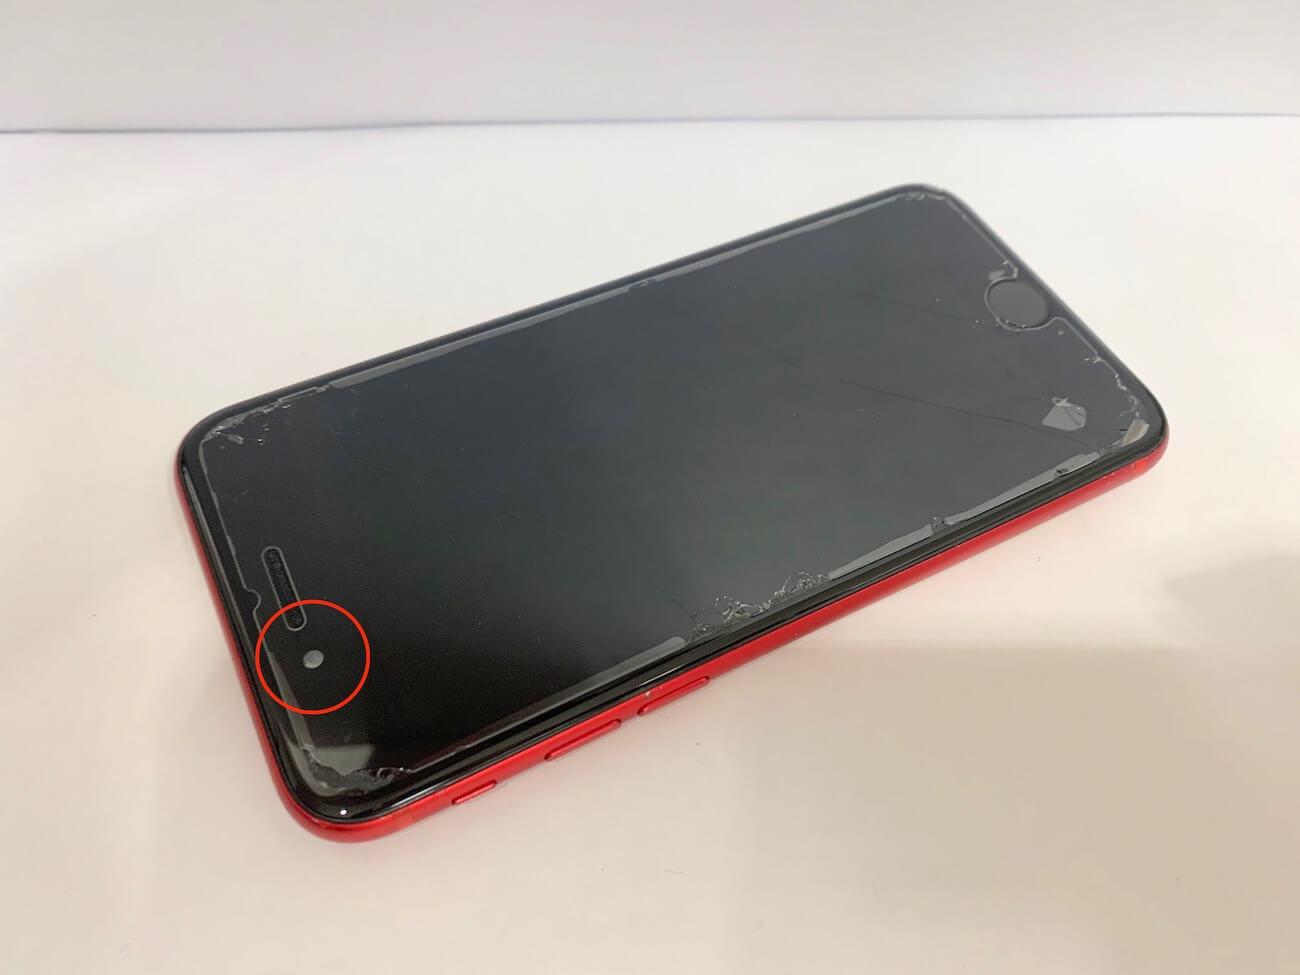 修理前のiPhoneSE(第二世代)の写真